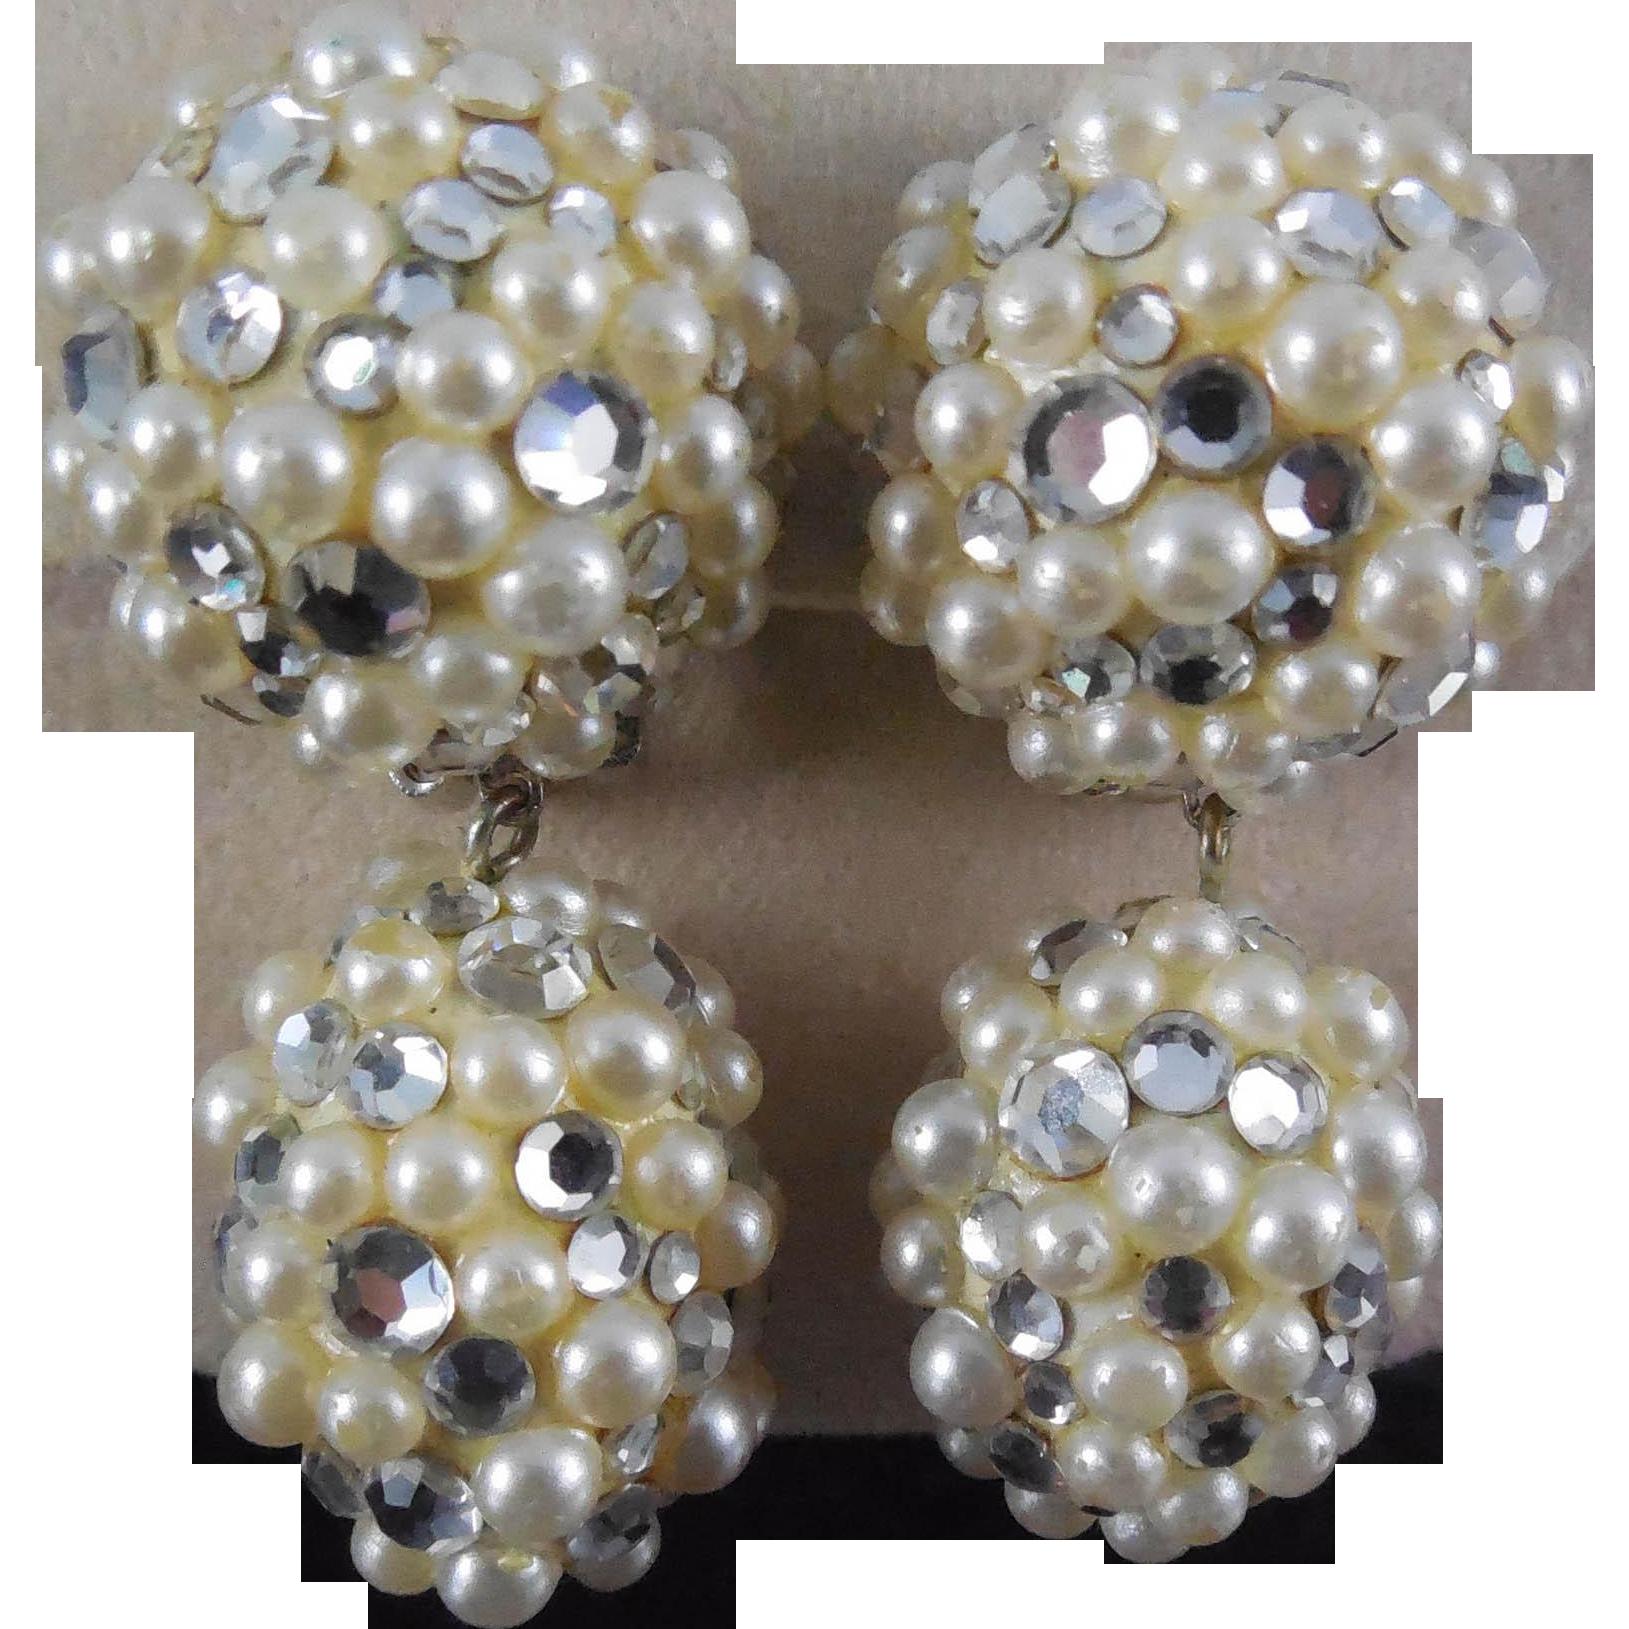 Vintage James Arpad Rhinestone Faux Pearl Disco Earrings - 1980s